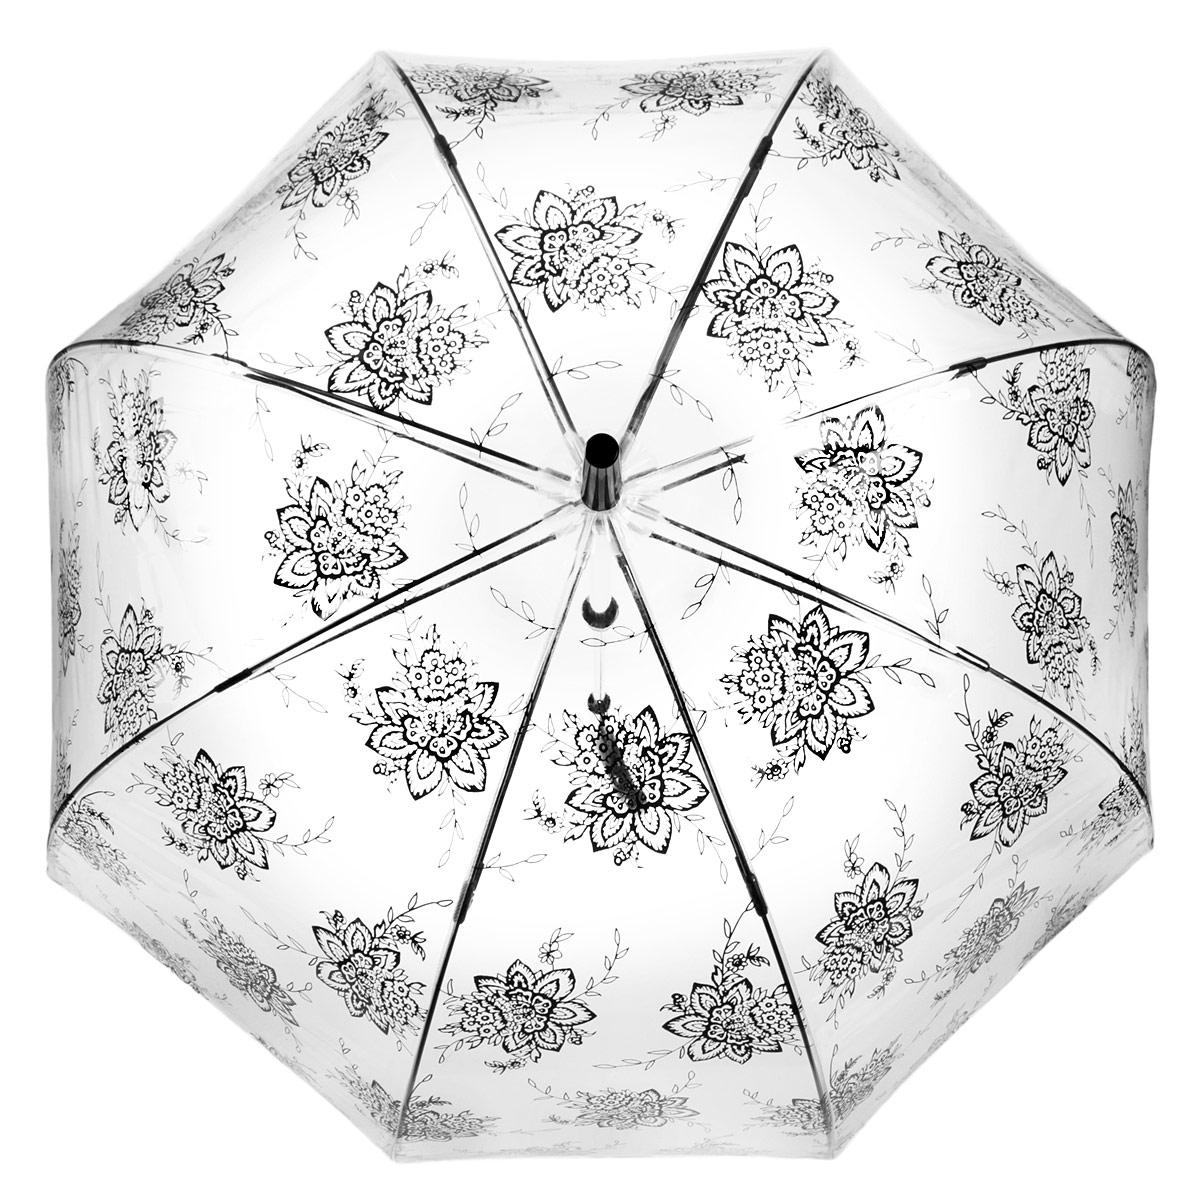 Зонт-трость женский Fulton Birdcage-2. Flora, механический, цвет: прозрачный, черный. L042-2838L042-2838Модный механический зонт-трость Birdcage-2. Birdcage. Flora. Каркас зонта состоит из 8 спиц фибергласса и пластикового стержня. Купол зонта выполнен из прочного ПВХ и оформлен цветочным узором. Изделие оснащено удобной рукояткой из пластика. Зонт механического сложения: купол открывается и закрывается вручную до характерного щелчка. Модель закрывается при помощи одного ремня с кнопкой. Зонт-трость даже в ненастную погоду позволит вам оставаться стильной и элегантной. Такой зонт не только надежно защитит вас от дождя, но и станет стильным аксессуаром, который идеально подчеркнет ваш неповторимый образ.